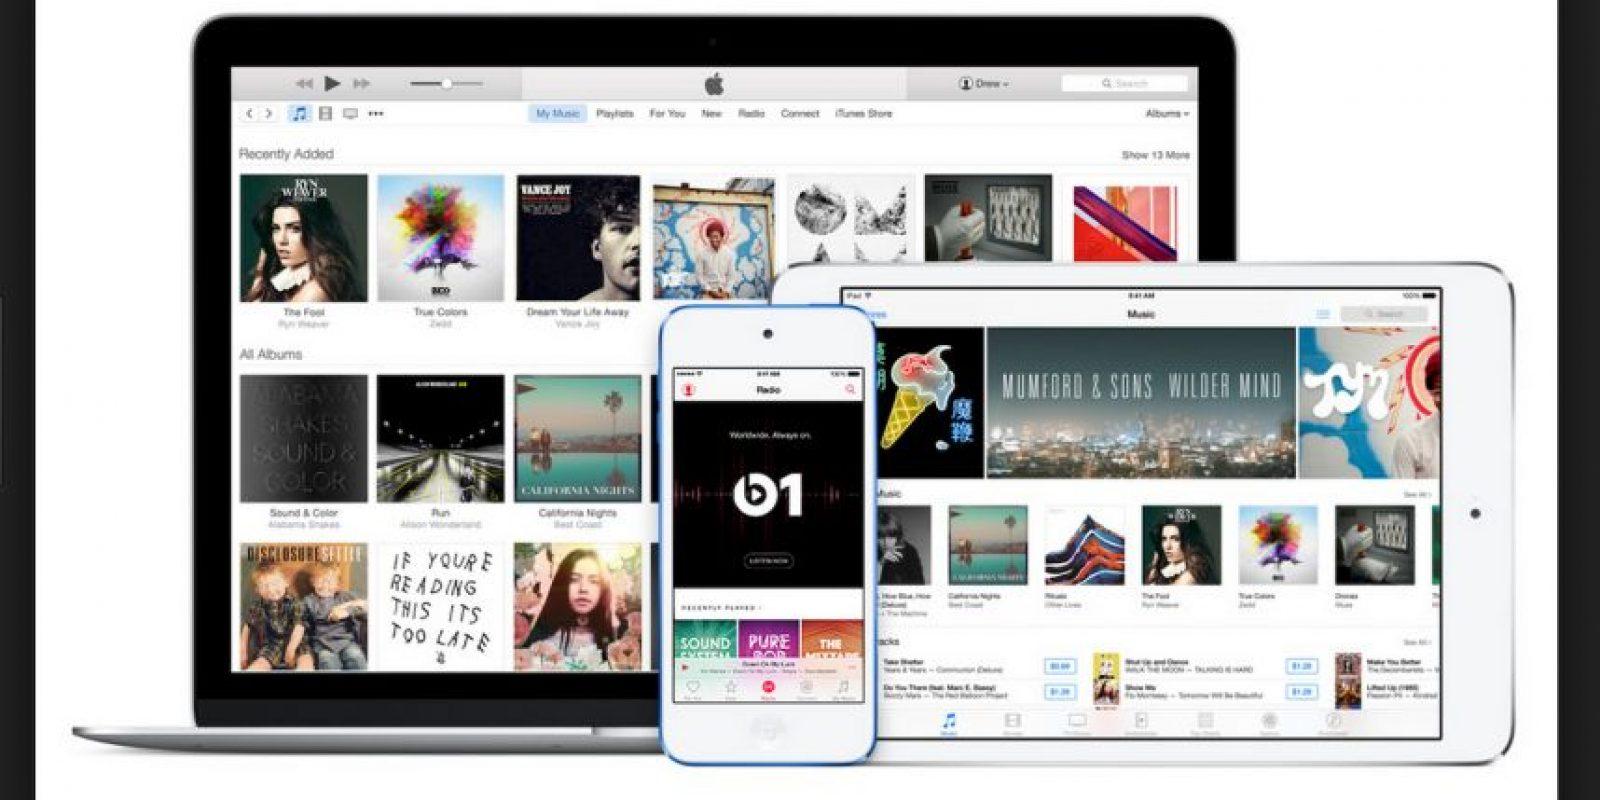 En el mismo evento, se ofreció una paquete de 14.99 dólares al mes por 6 personas Foto:Apple